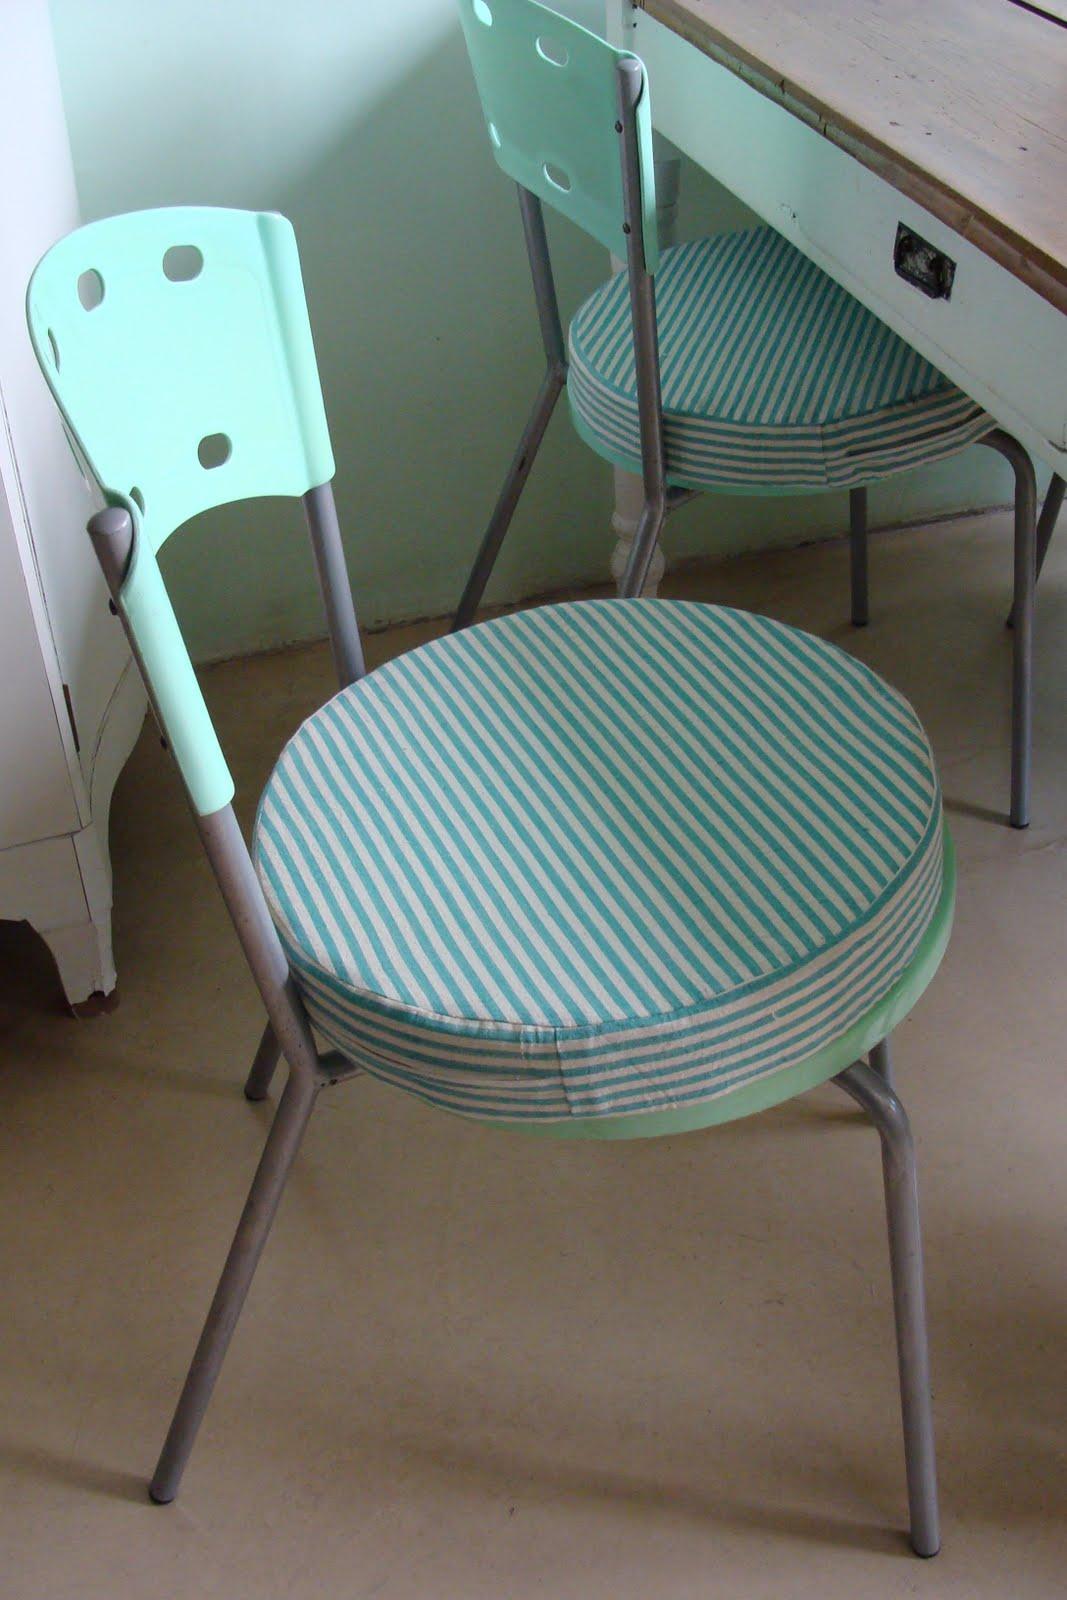 Almohadones a medida para sillas deco marce tienda - Cojines redondos para sillas ...